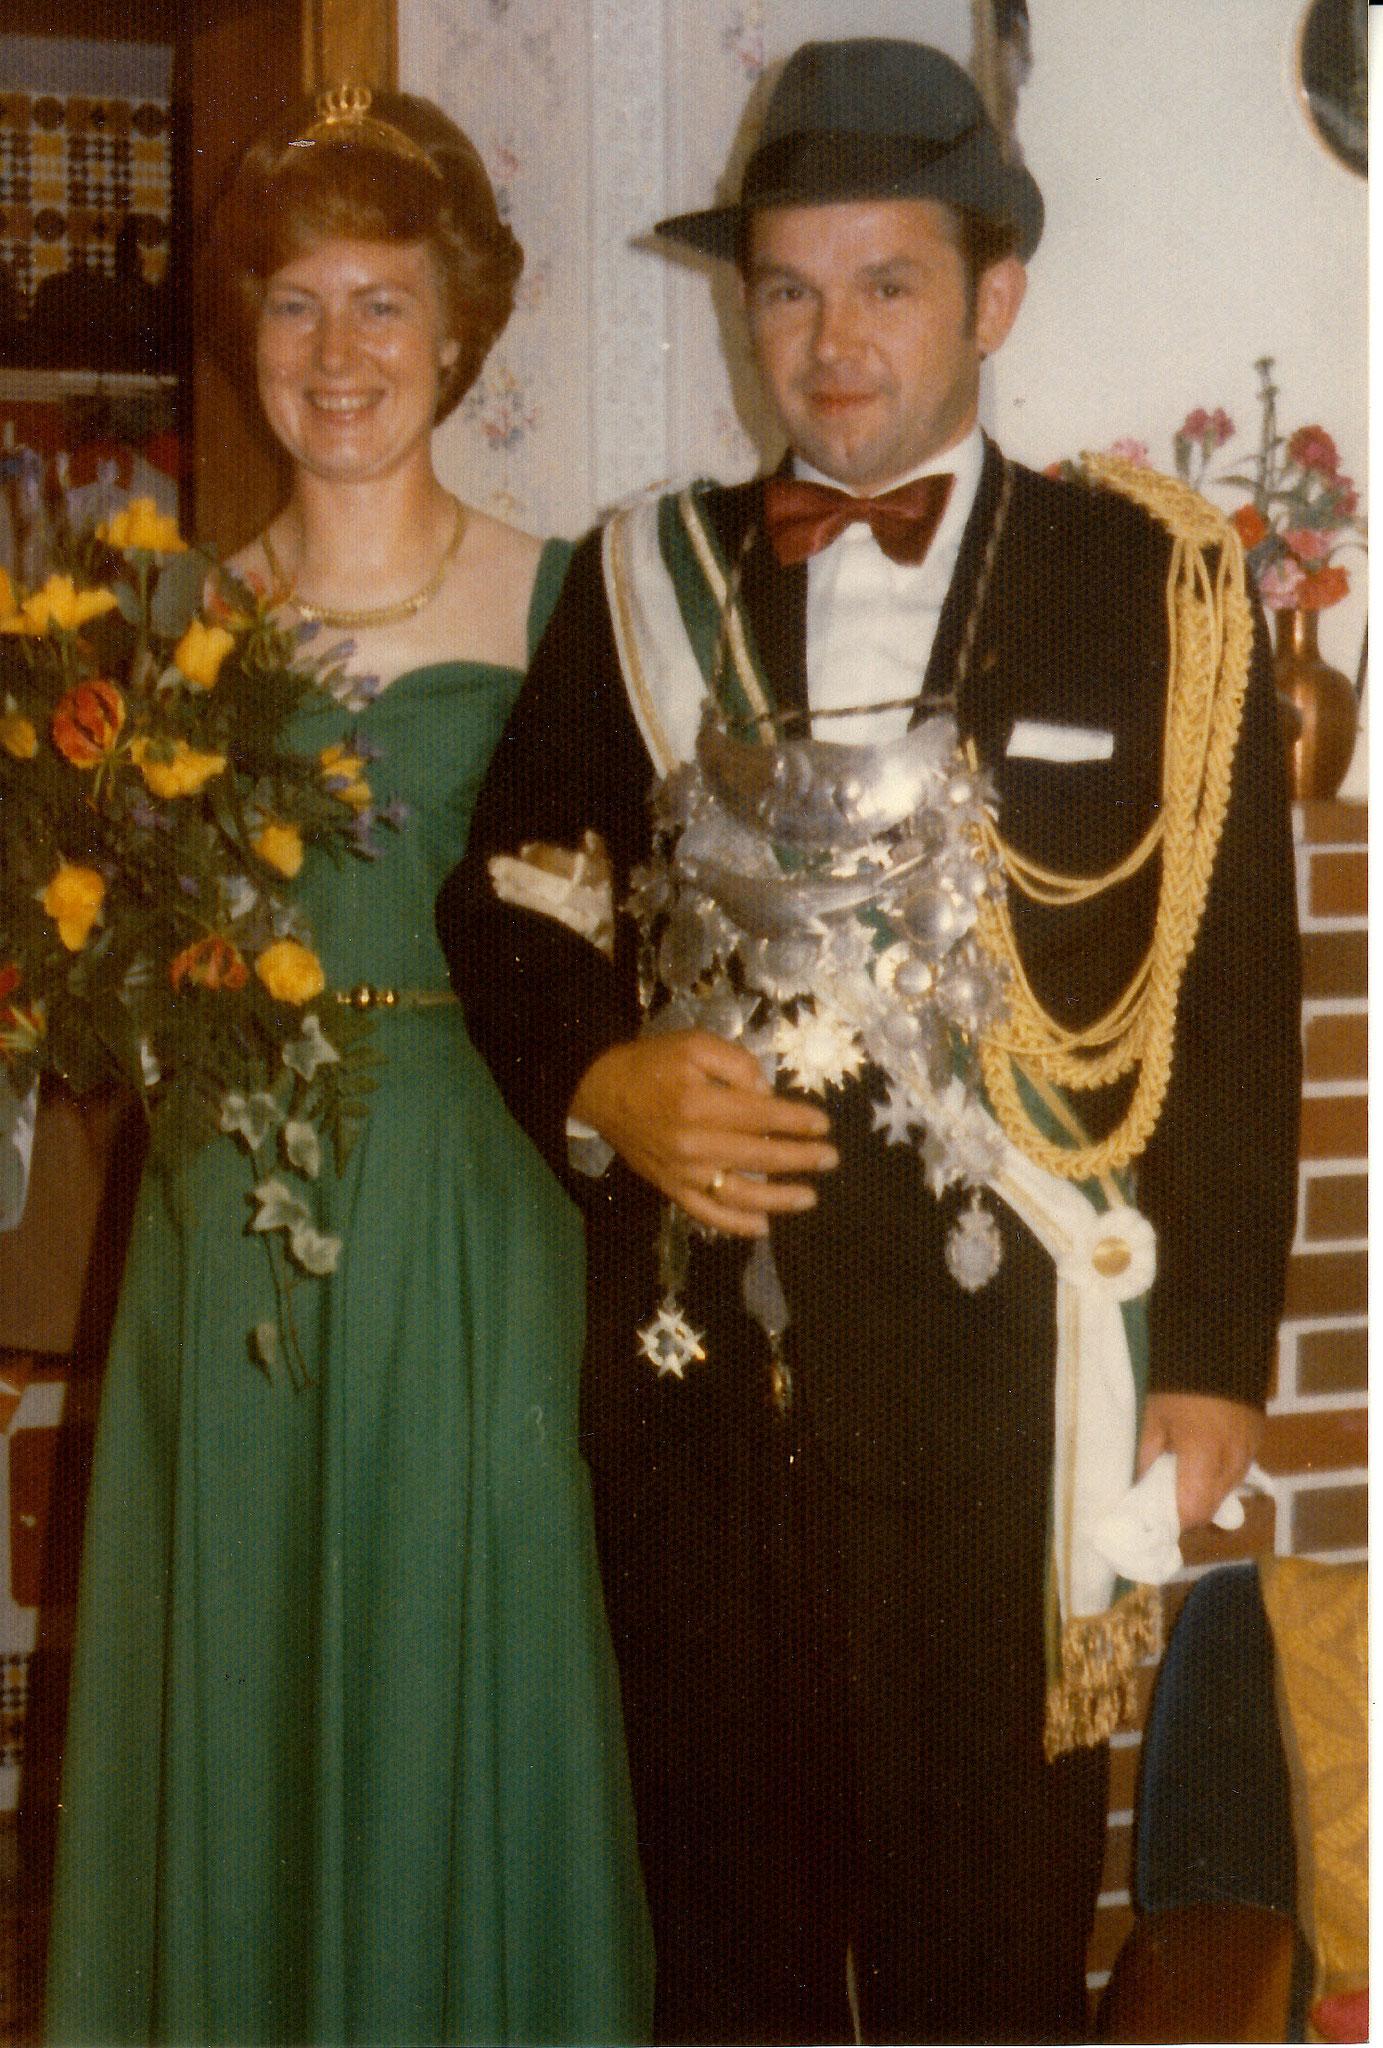 1973 Helmut Huneke+ & Elfriede Frerich